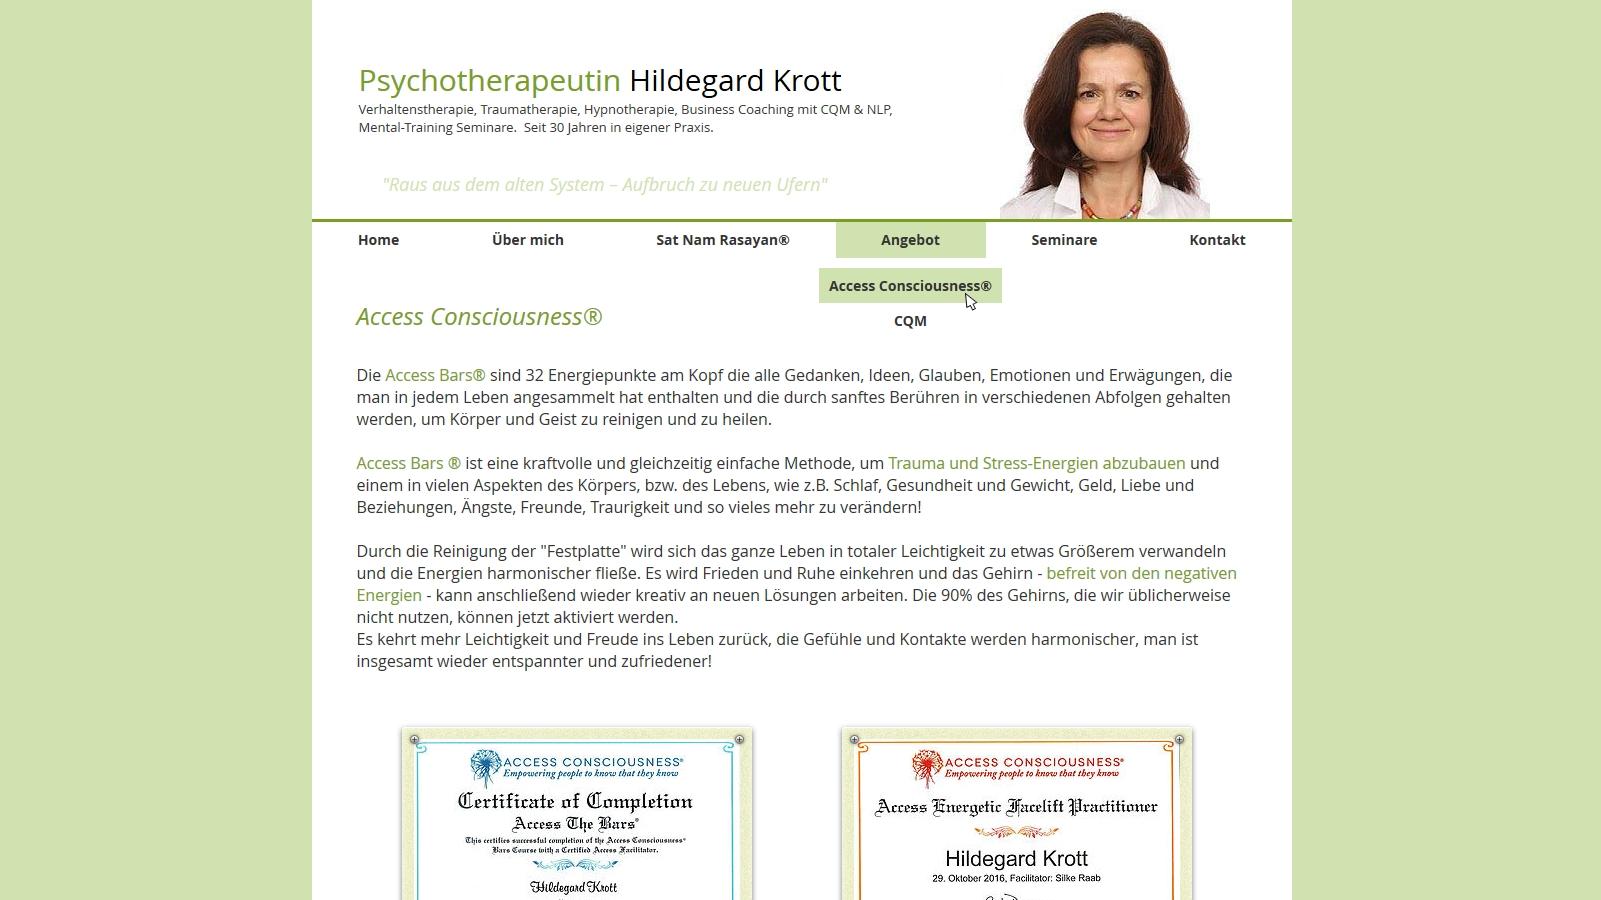 Psychotherapie Hildegrad Krott